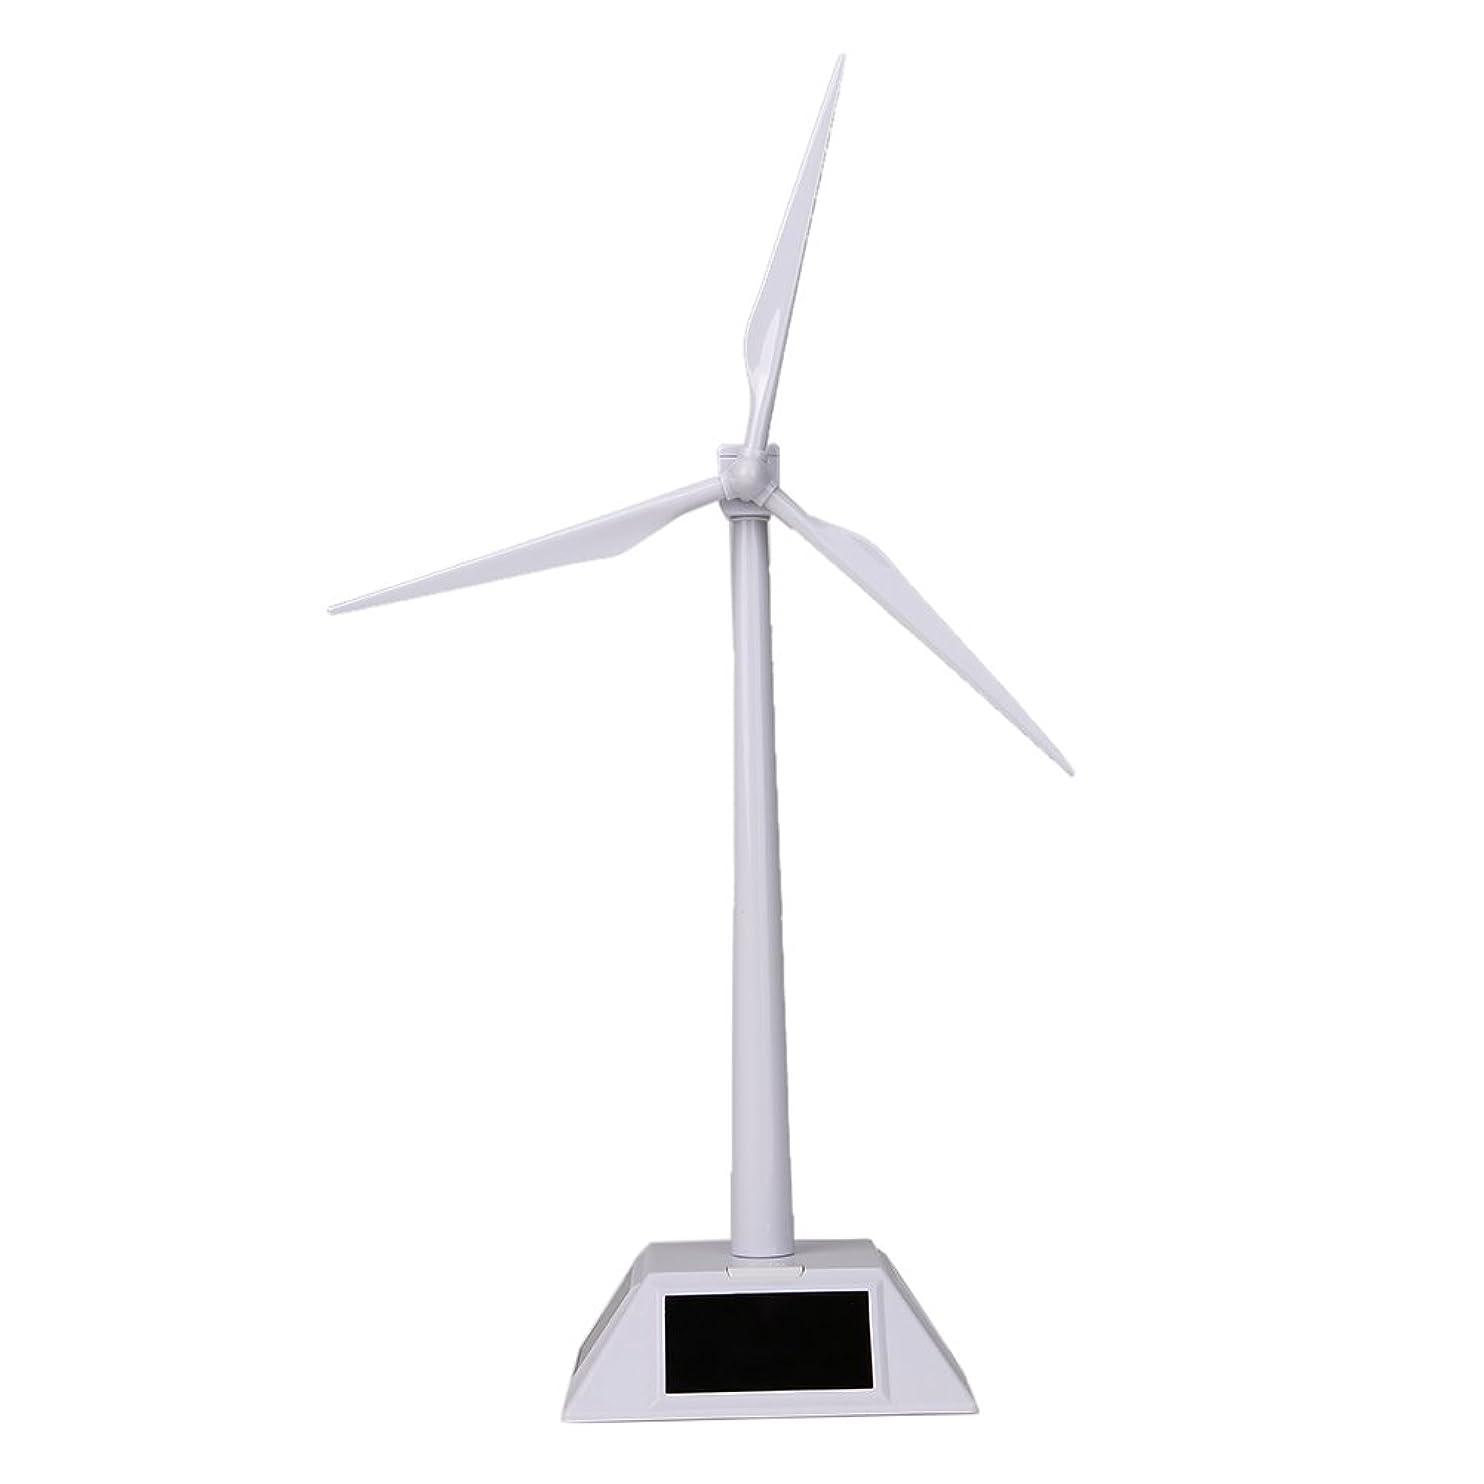 Alloet Desktop Wind Turbine Model Solar Powered Windmills ABS Plastics White for Education or Fun qenqrfjjixt13